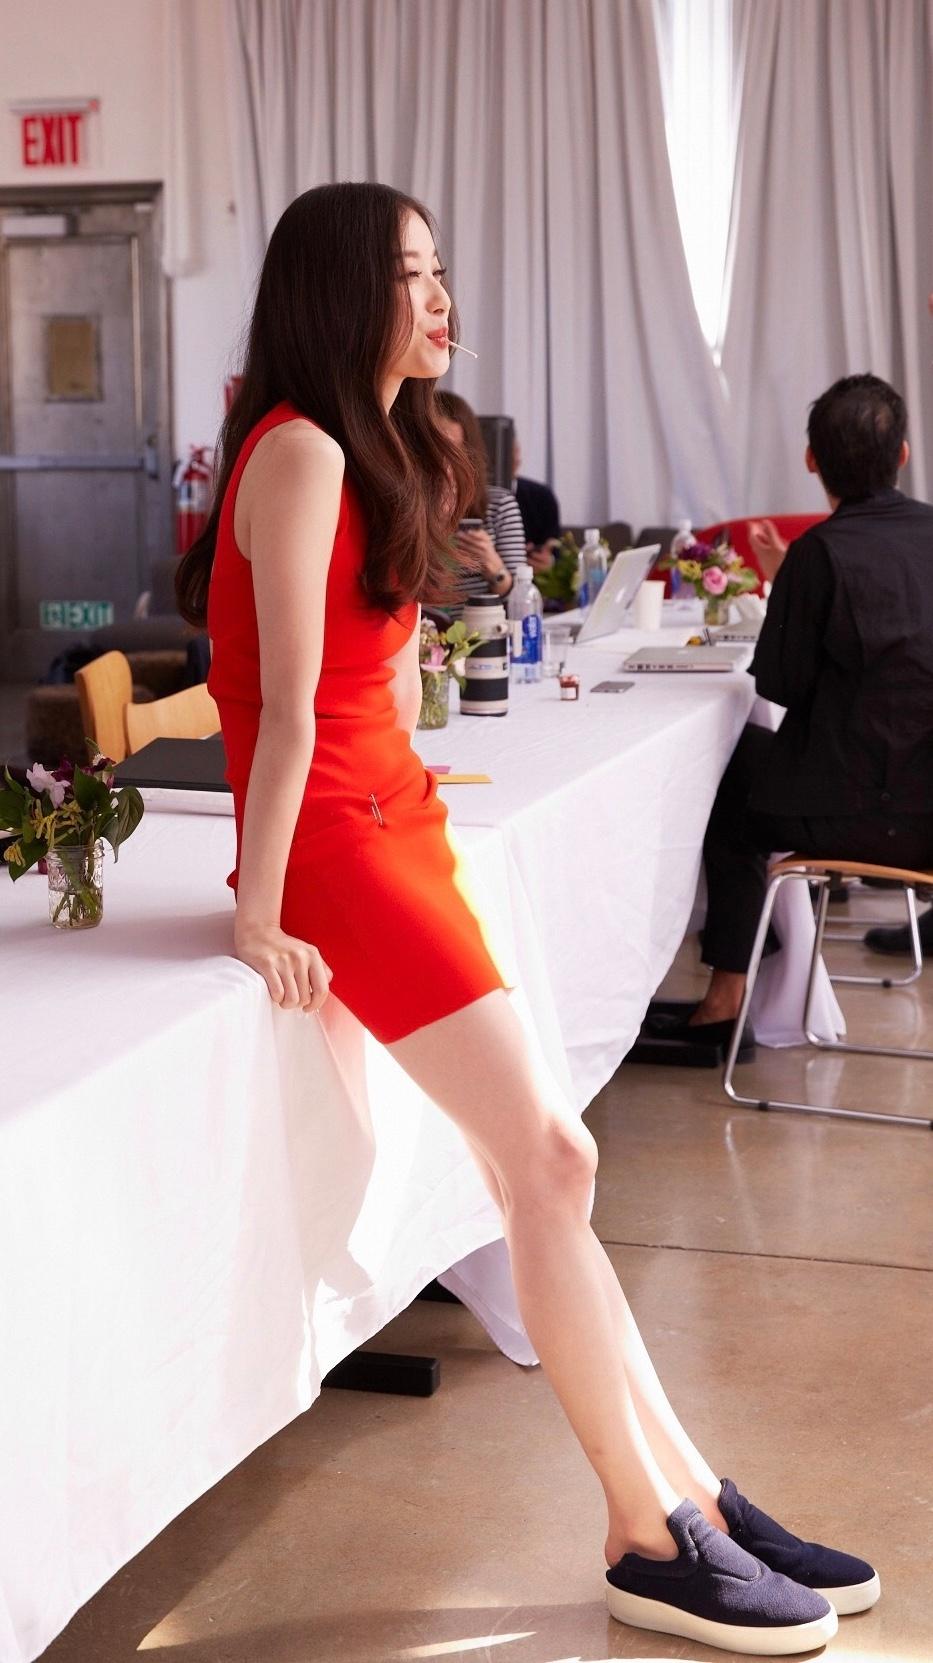 微博#女明星腿精大赛#,跟看买家秀一起来看看大长腿15